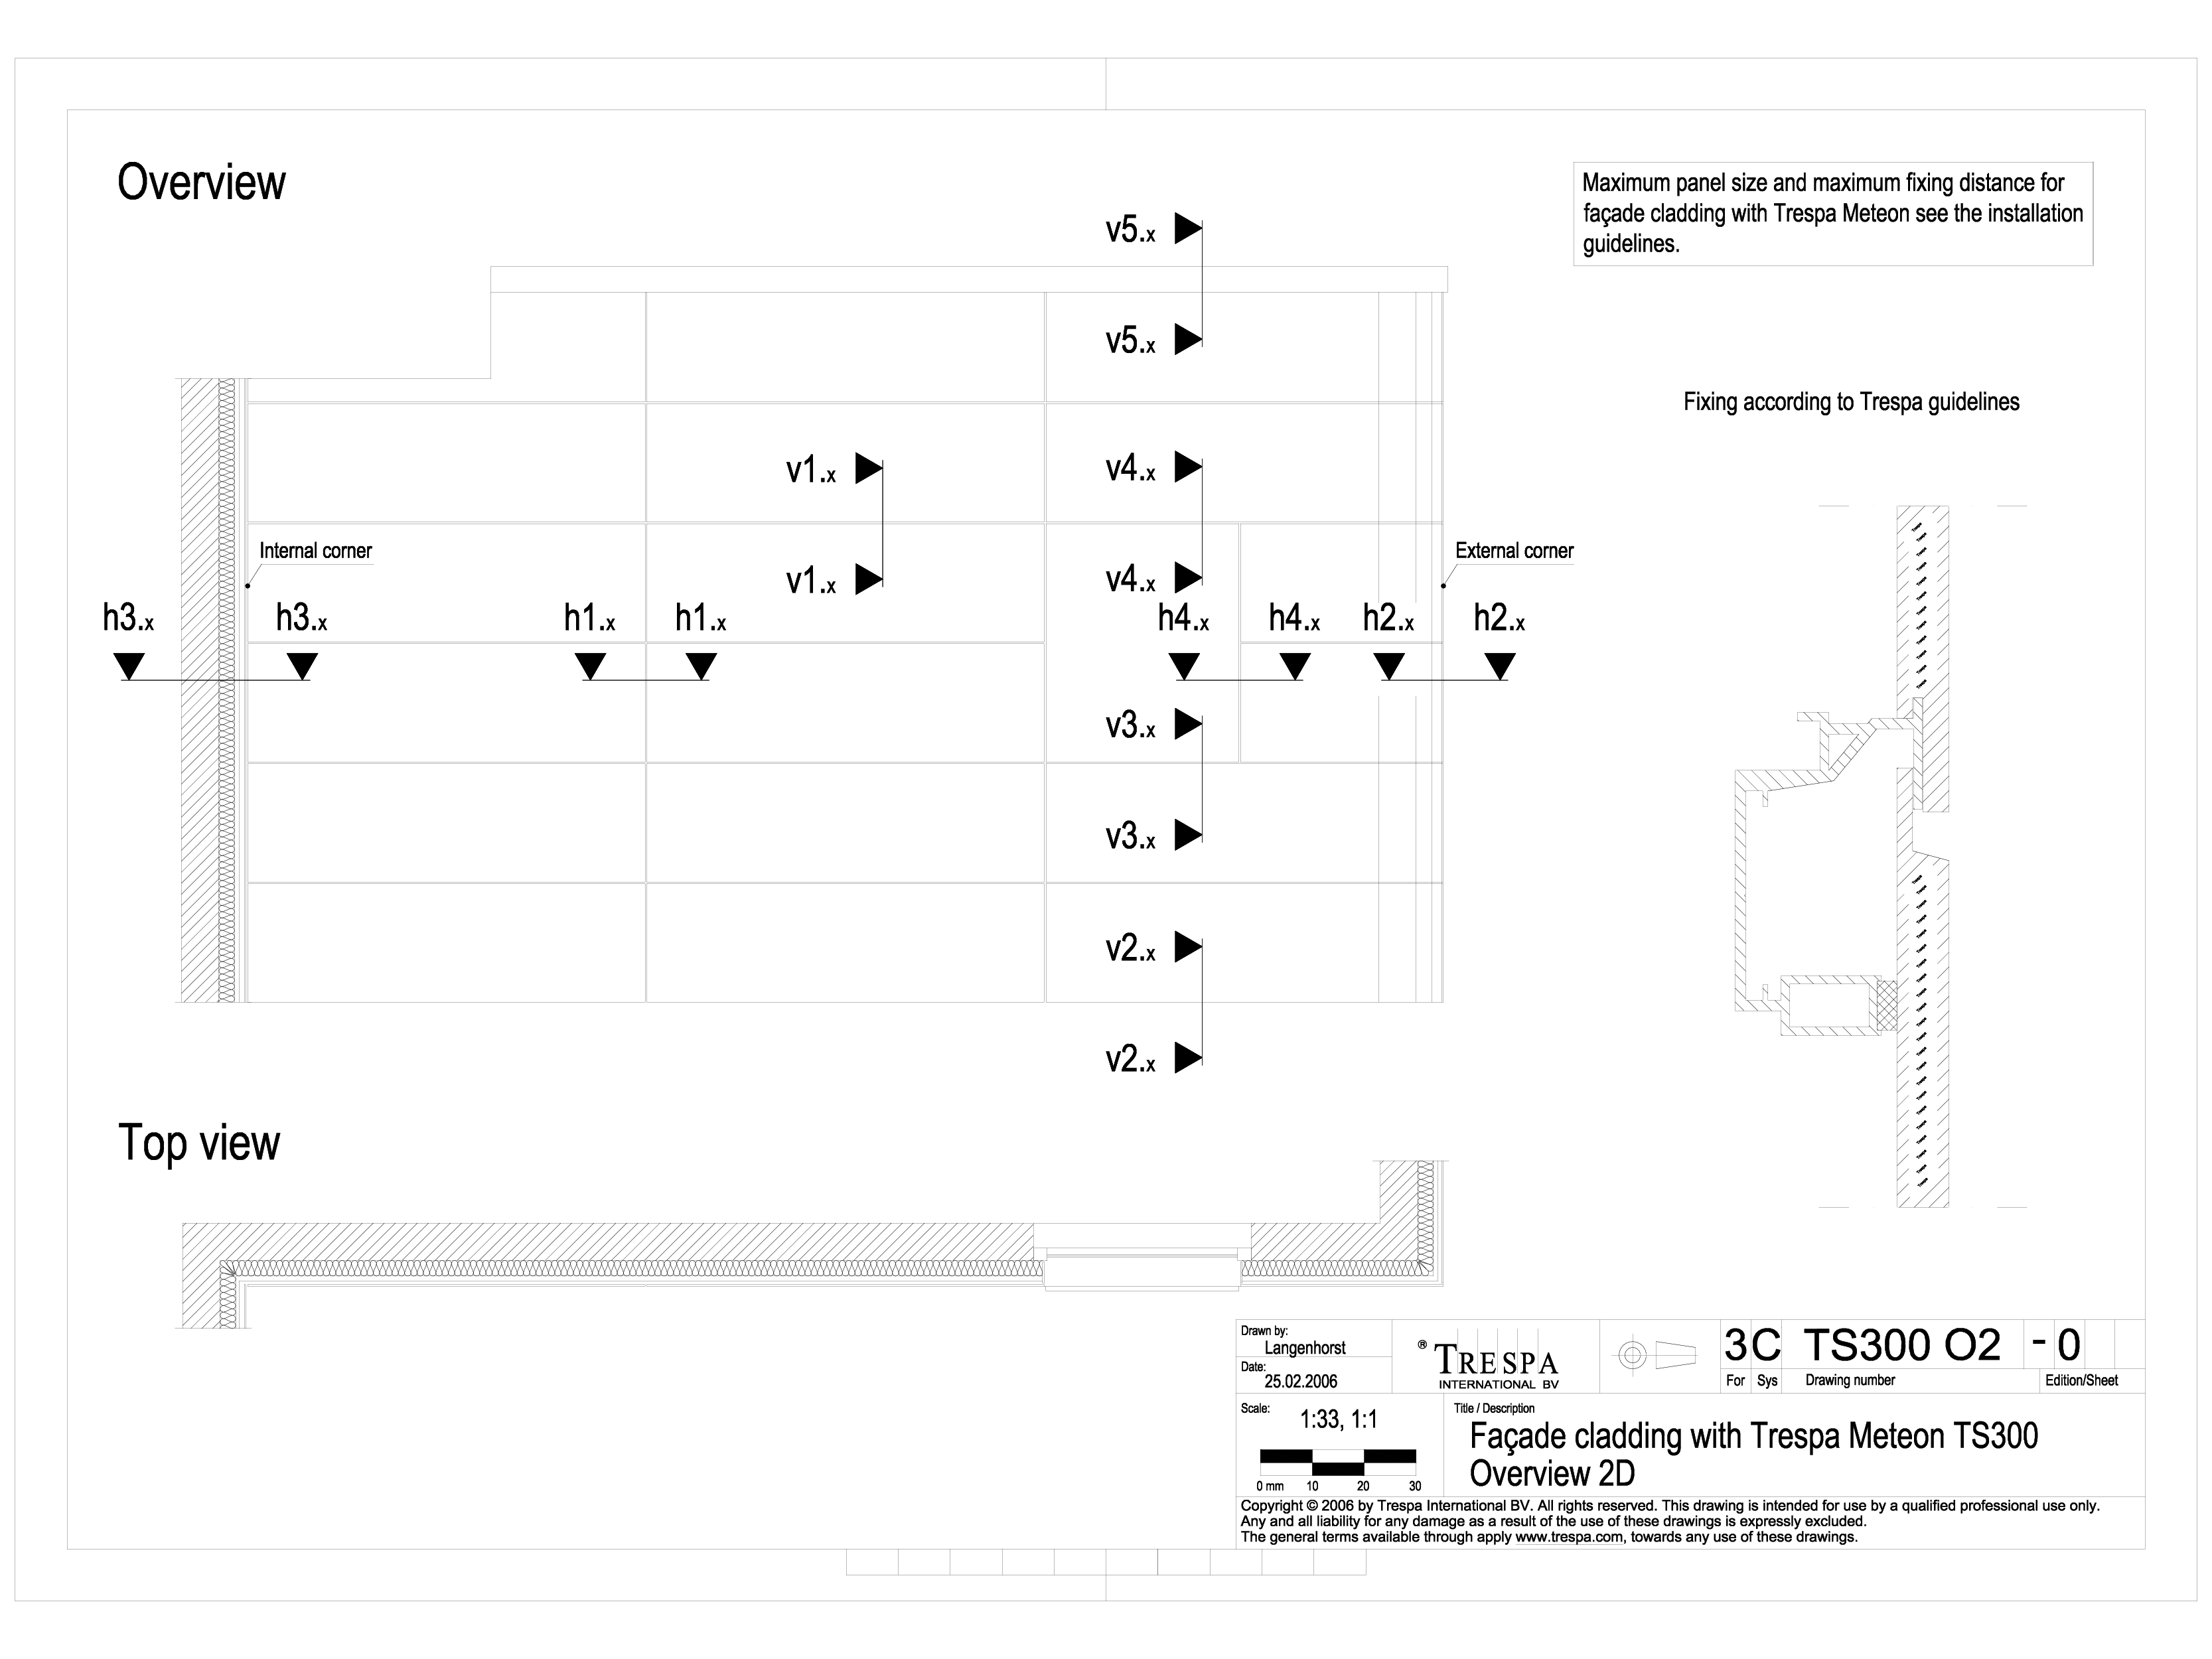 Sisteme de prindere fatade ventilate cu profile oarbe METEON TRESPA Placi HPL pentru fatade ventilate GIBB TECHNOLOGIES  - Pagina 1